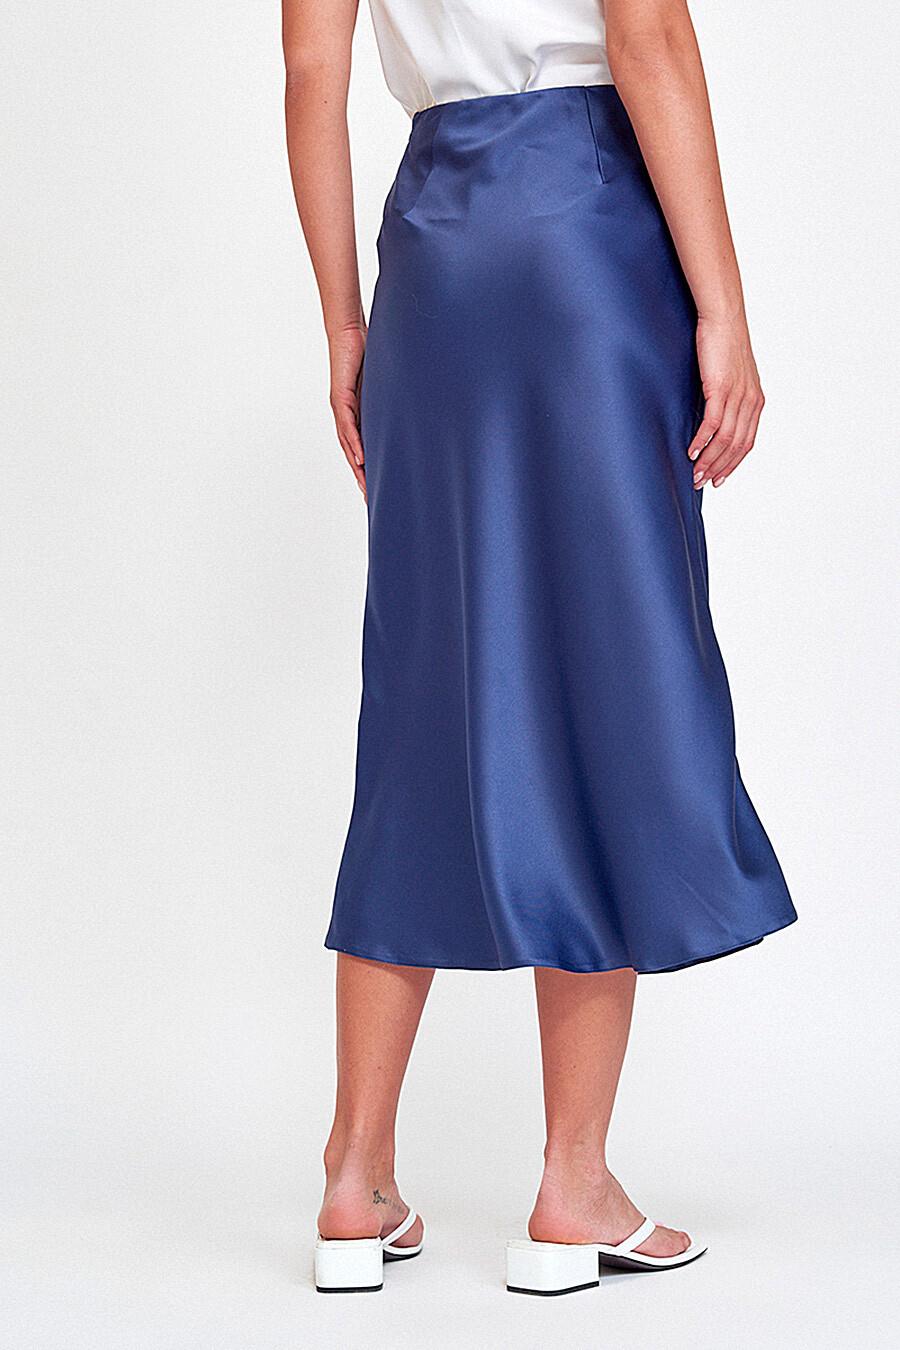 Юбка для женщин DELIA 668510 купить оптом от производителя. Совместная покупка женской одежды в OptMoyo